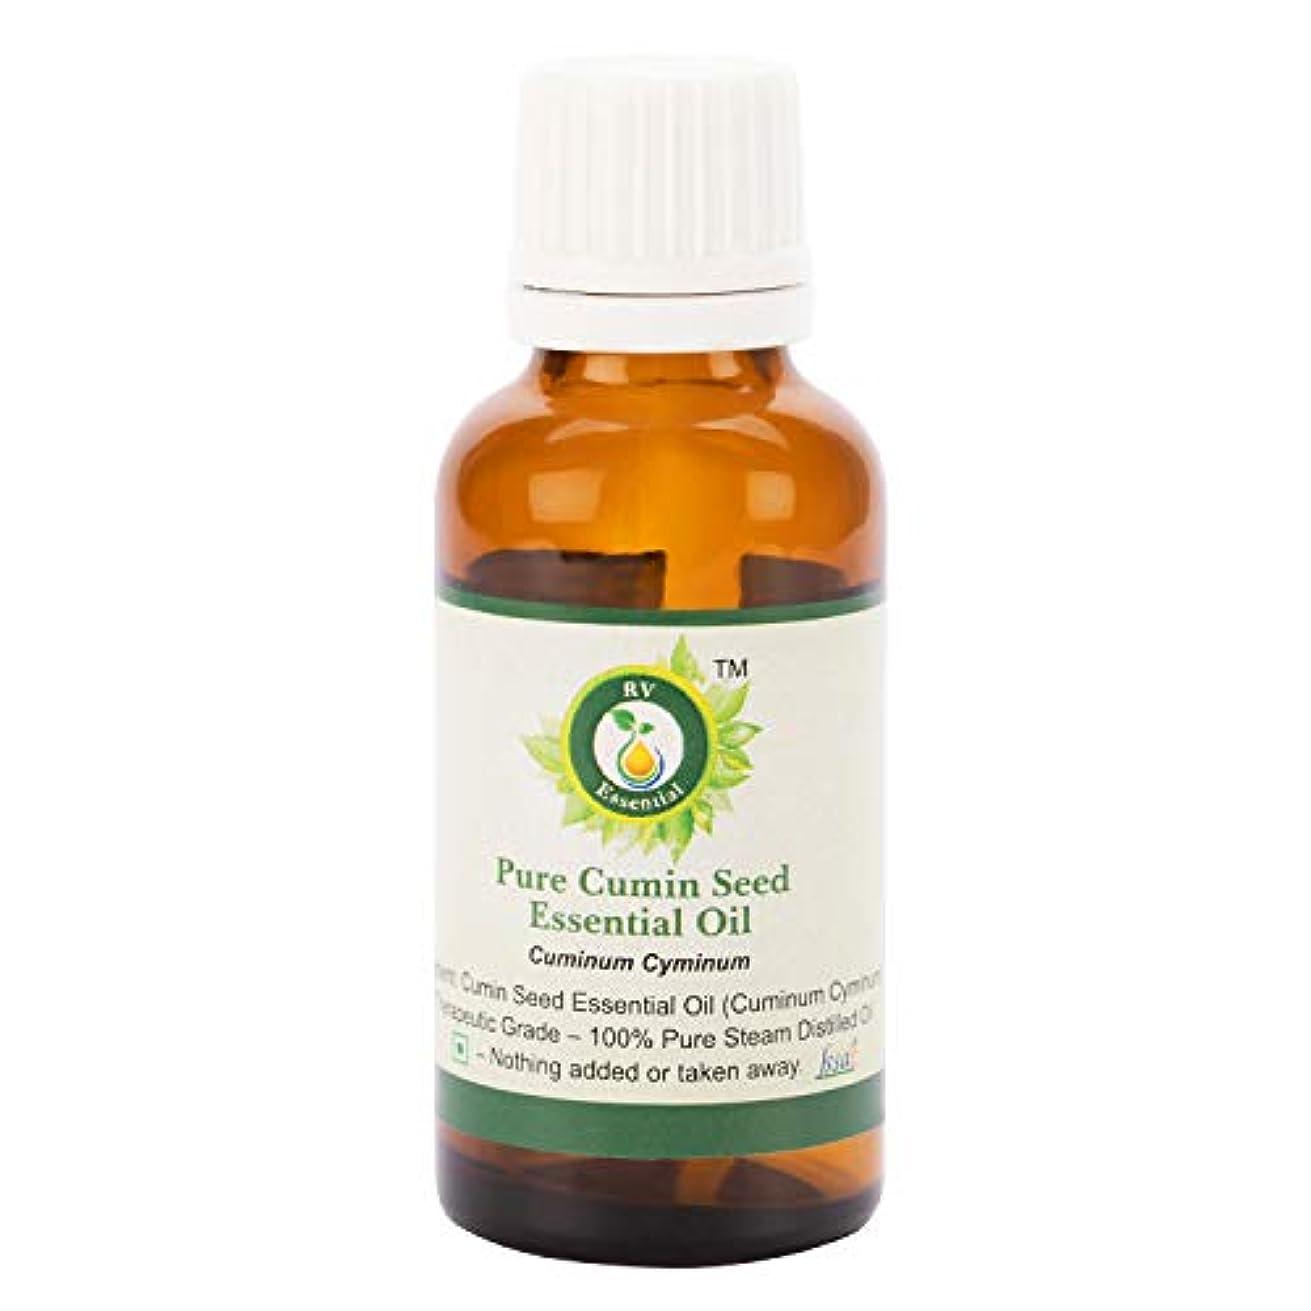 屋内流星エコーピュアクミンシードエッセンシャルオイル5ml (0.169oz)- Cuminum Cyminum (100%純粋&天然スチームDistilled) Pure Cumin Seed Essential Oil